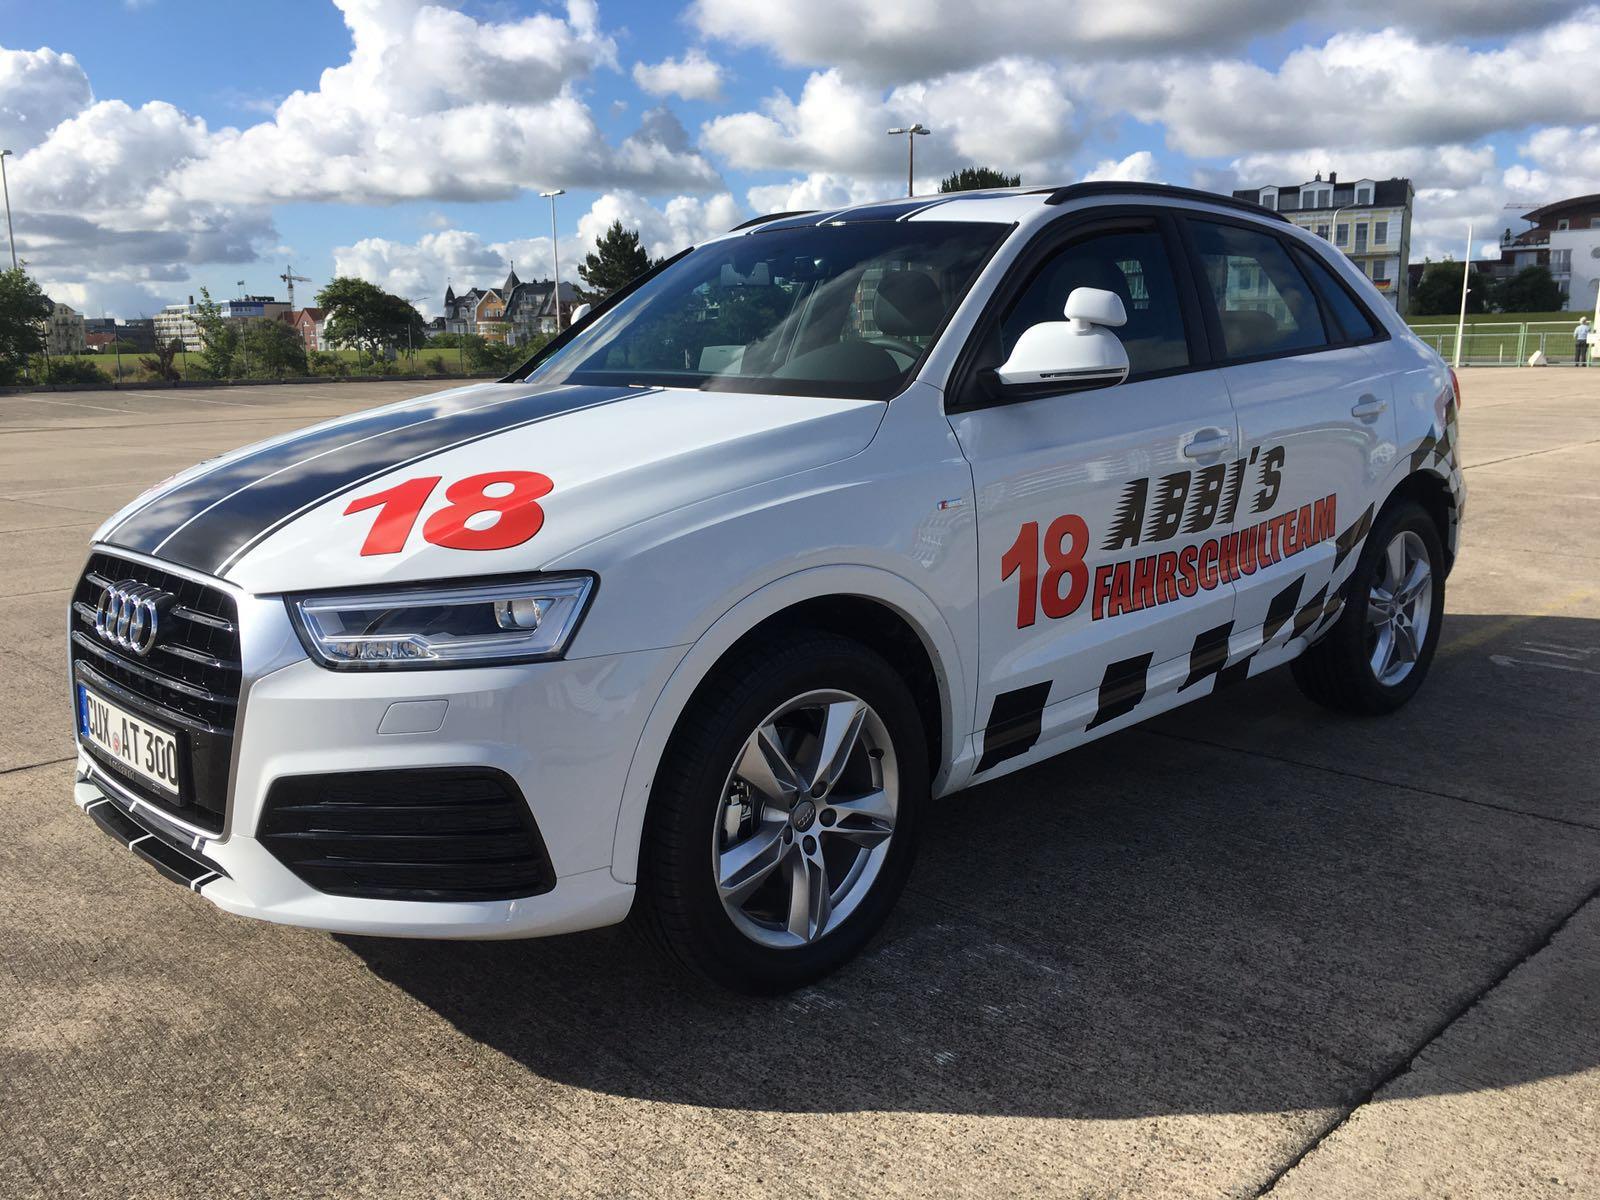 Fahrschule Cuxhaven: Audi Q3, Diesel, 150 PS